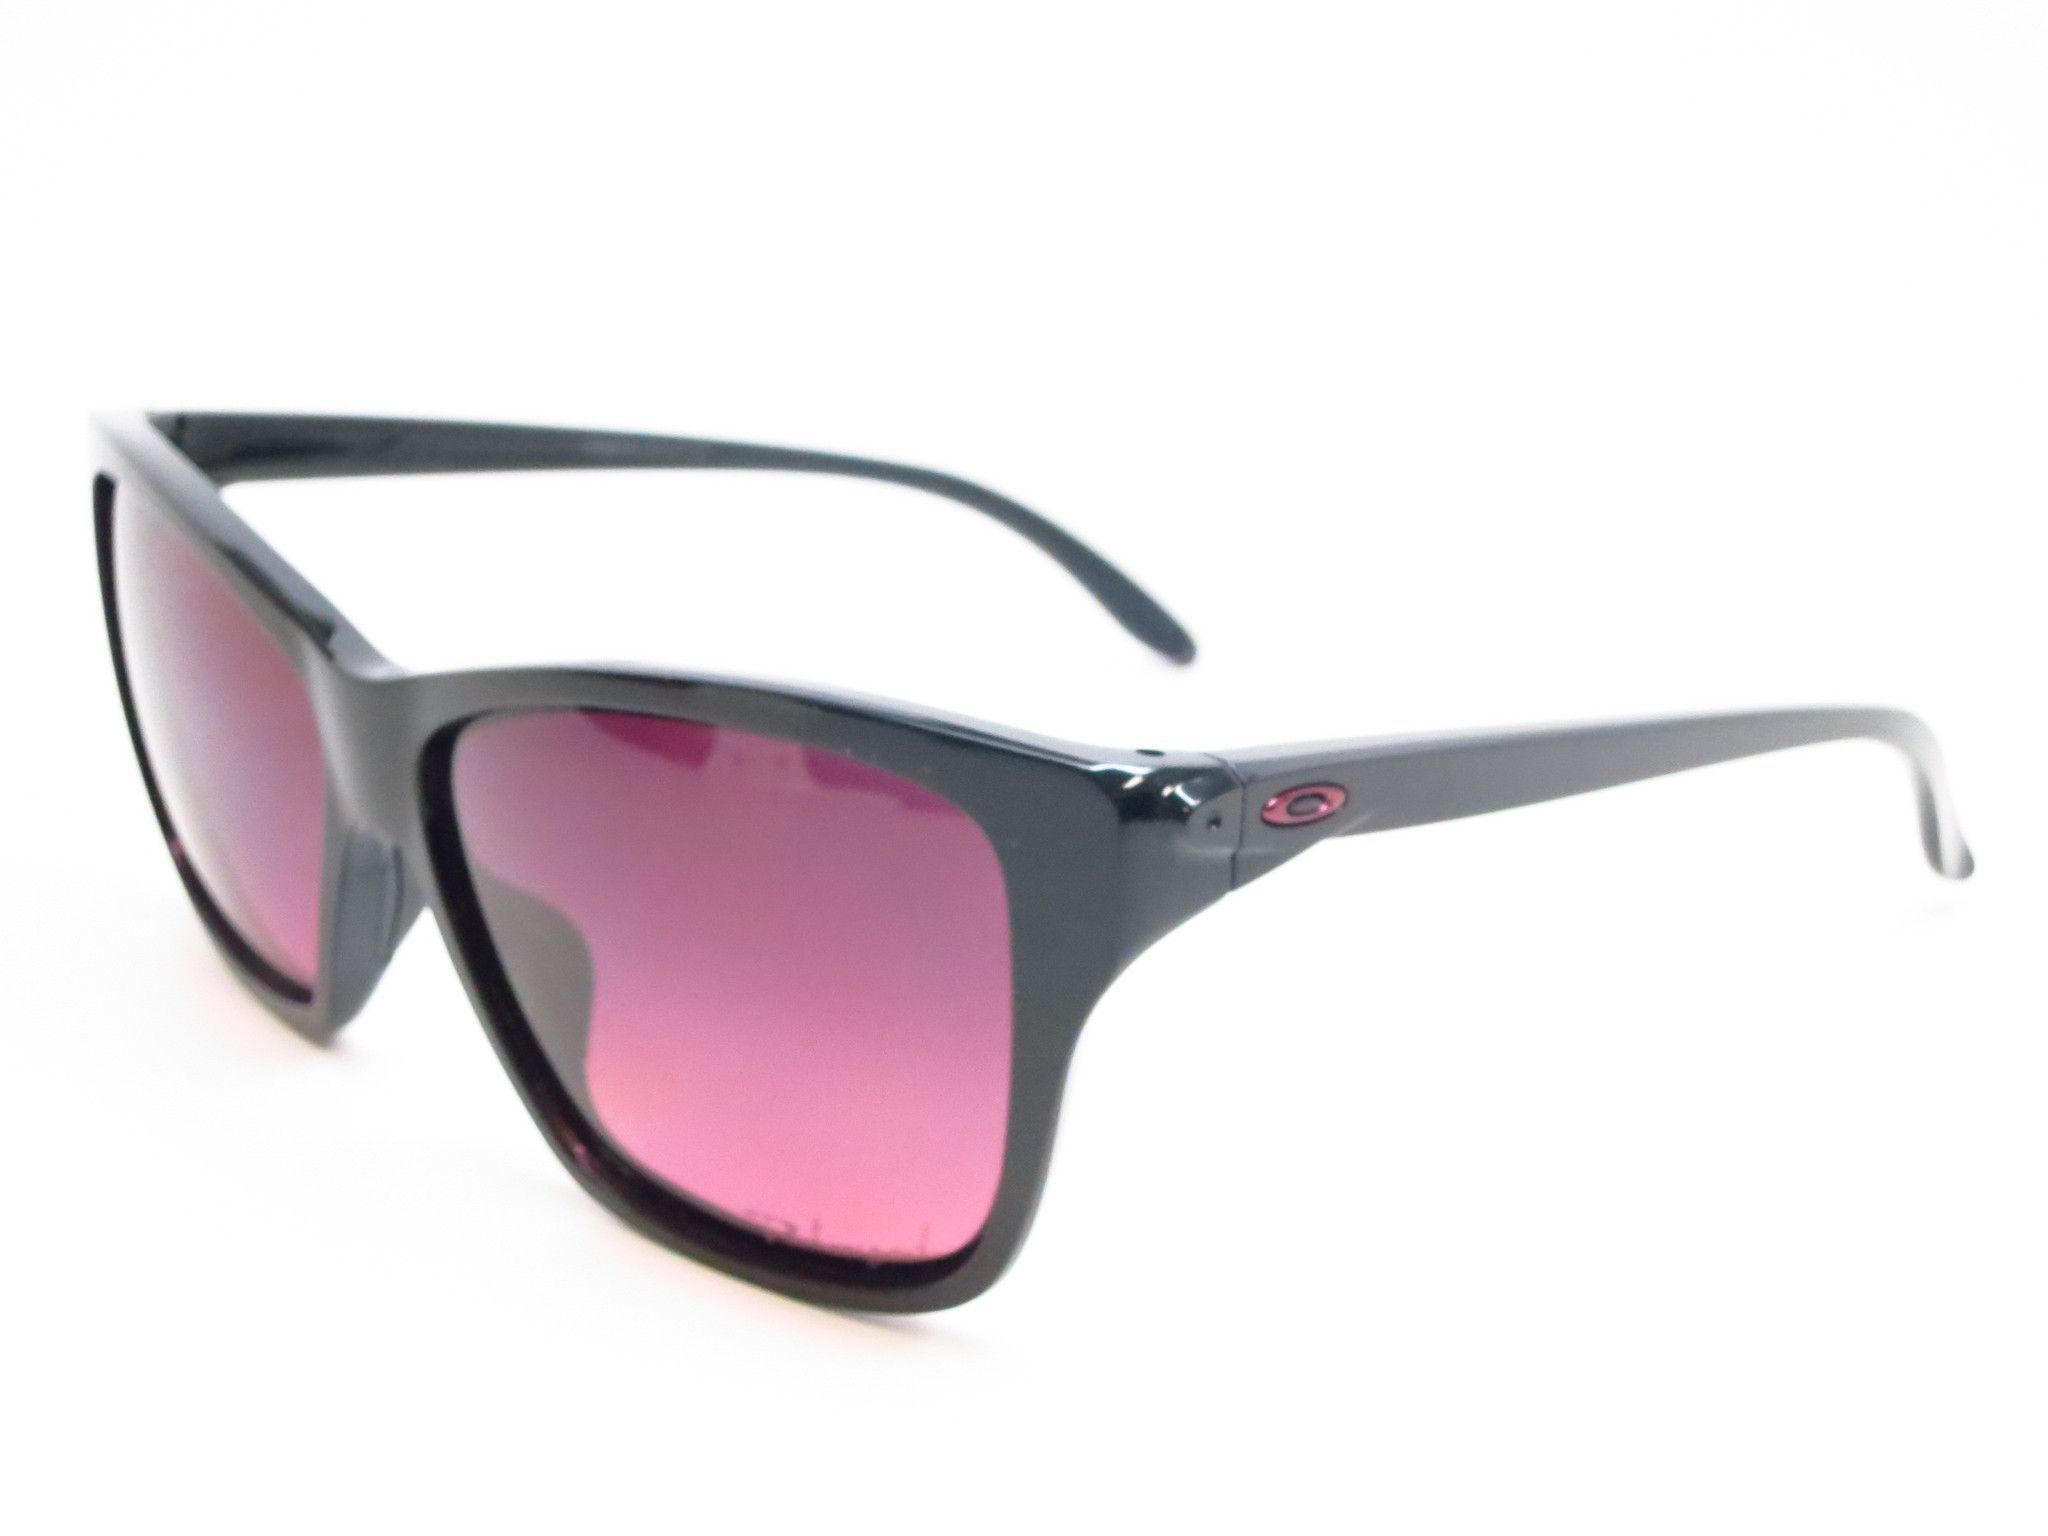 308ae6e2573 Oakley Hold On OO9298-02 Polished Black Polarized Sunglasses ...